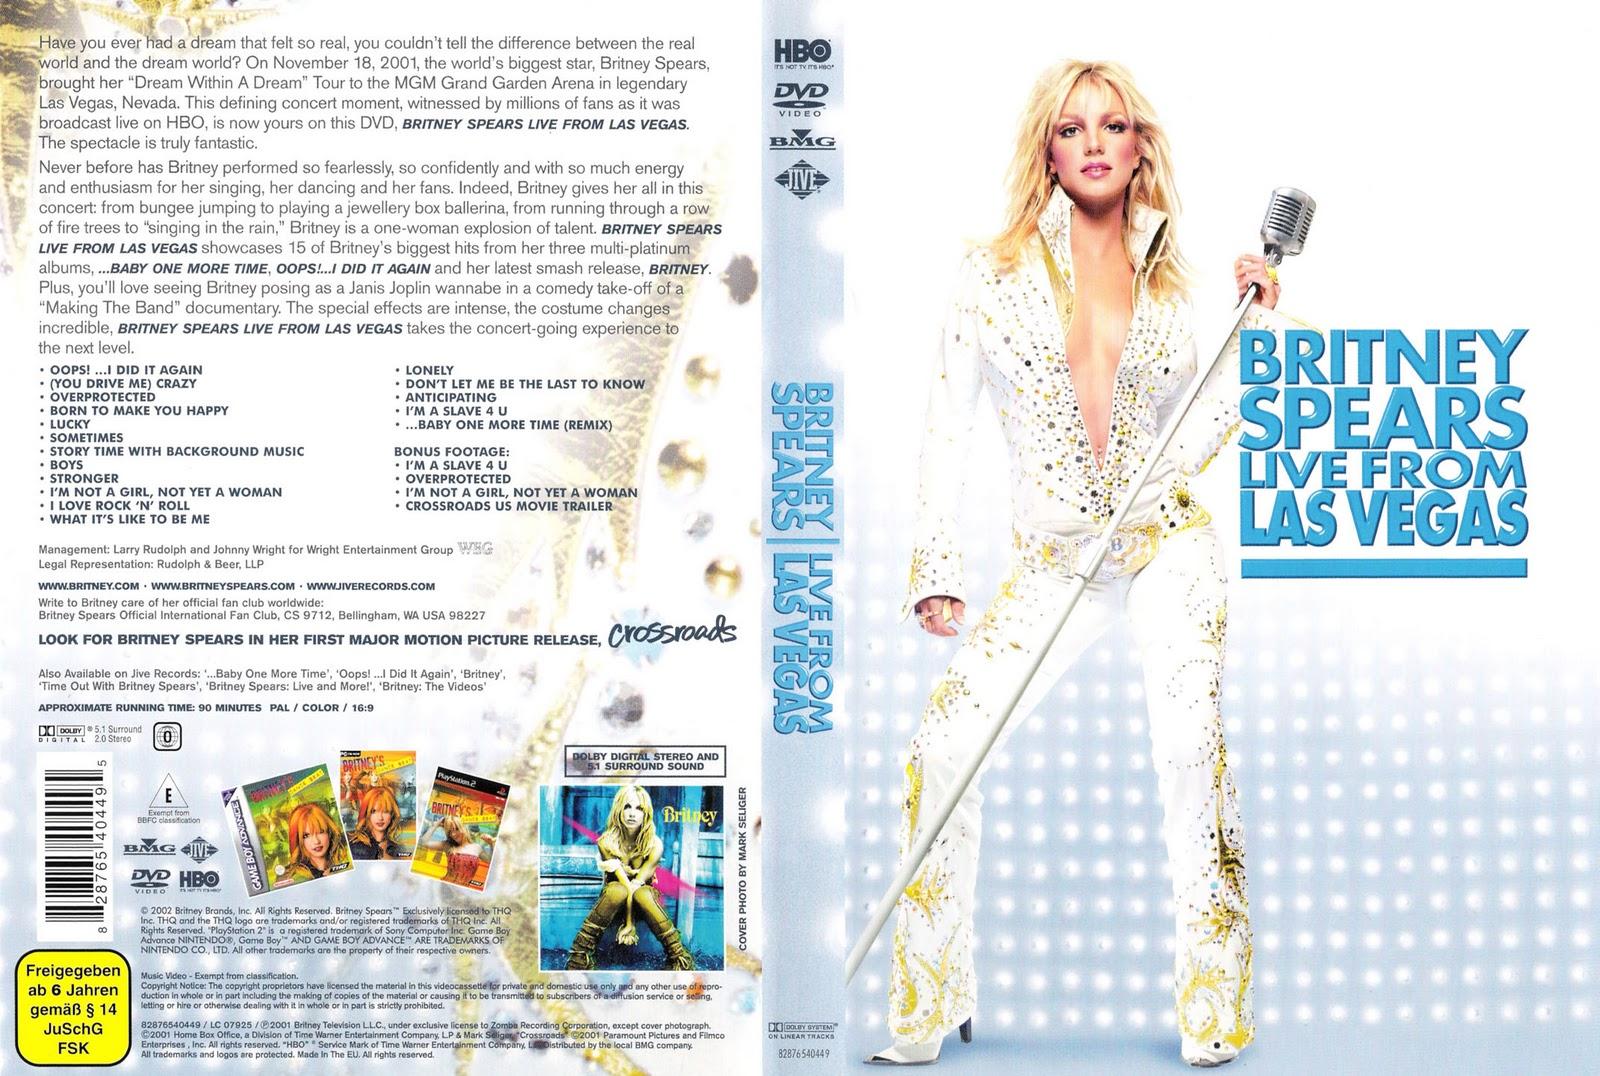 http://1.bp.blogspot.com/-BFjknuEzuaM/Tono2knrW0I/AAAAAAAAAPU/QaoQaId026I/s1600/Britney_Spears-Live_From_Las_Vegas_%2528DVD%2529-Caratula.jpg